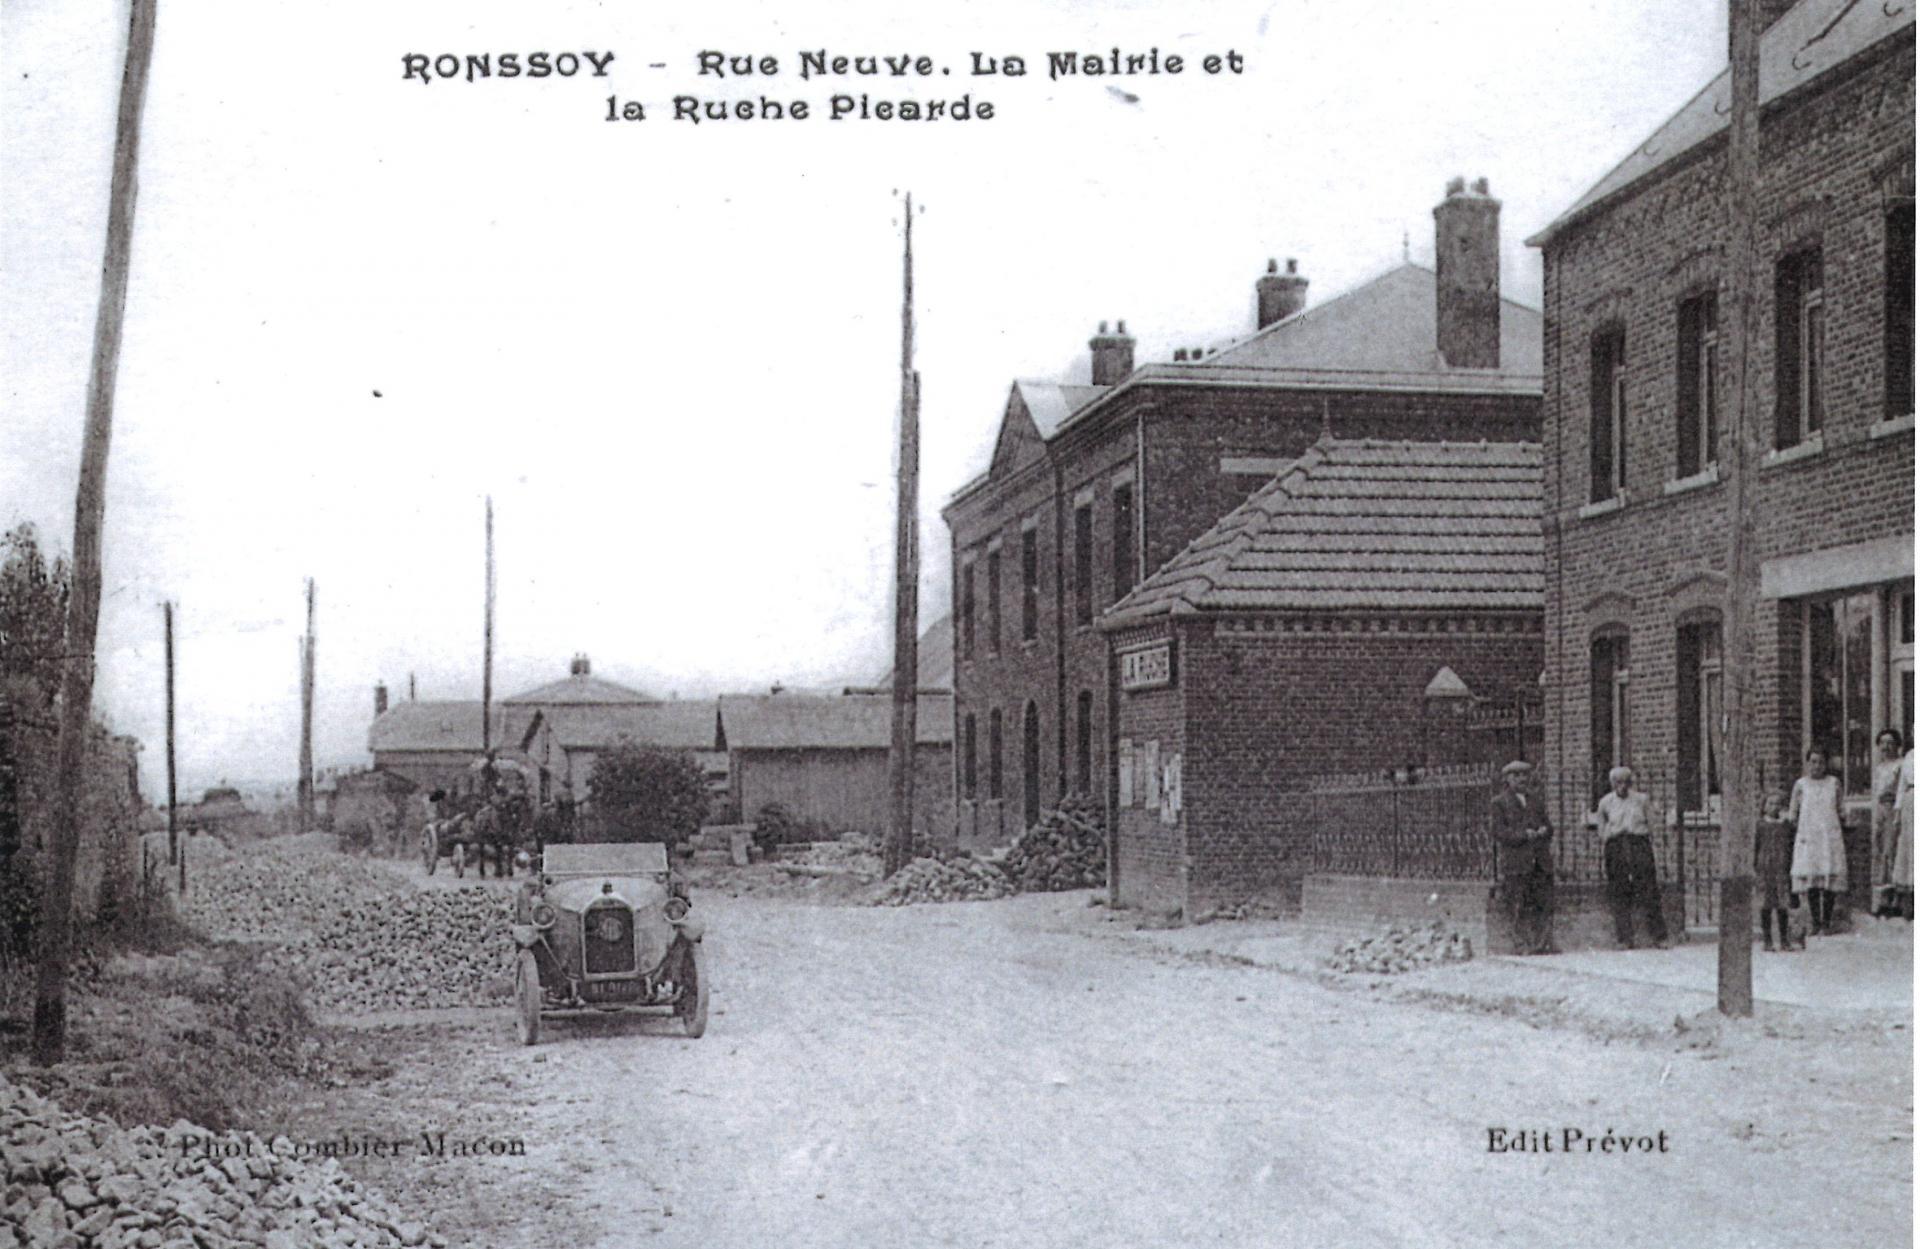 Rue Neuve la Mairie et la Ruche picarde